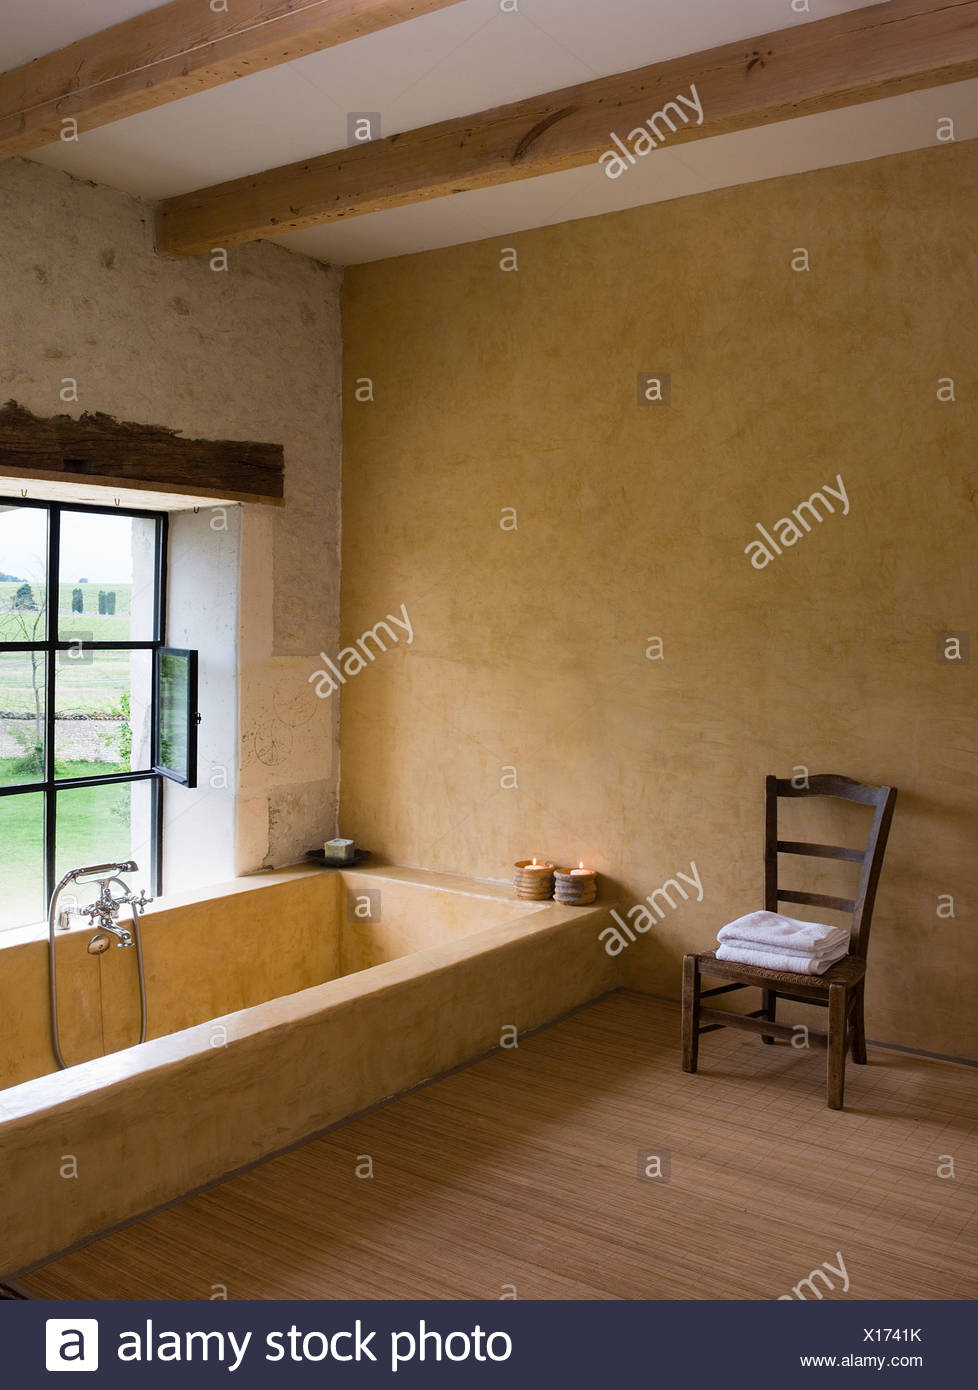 chaise en bois simple à côté d'une baignoire en marbre encastrée en